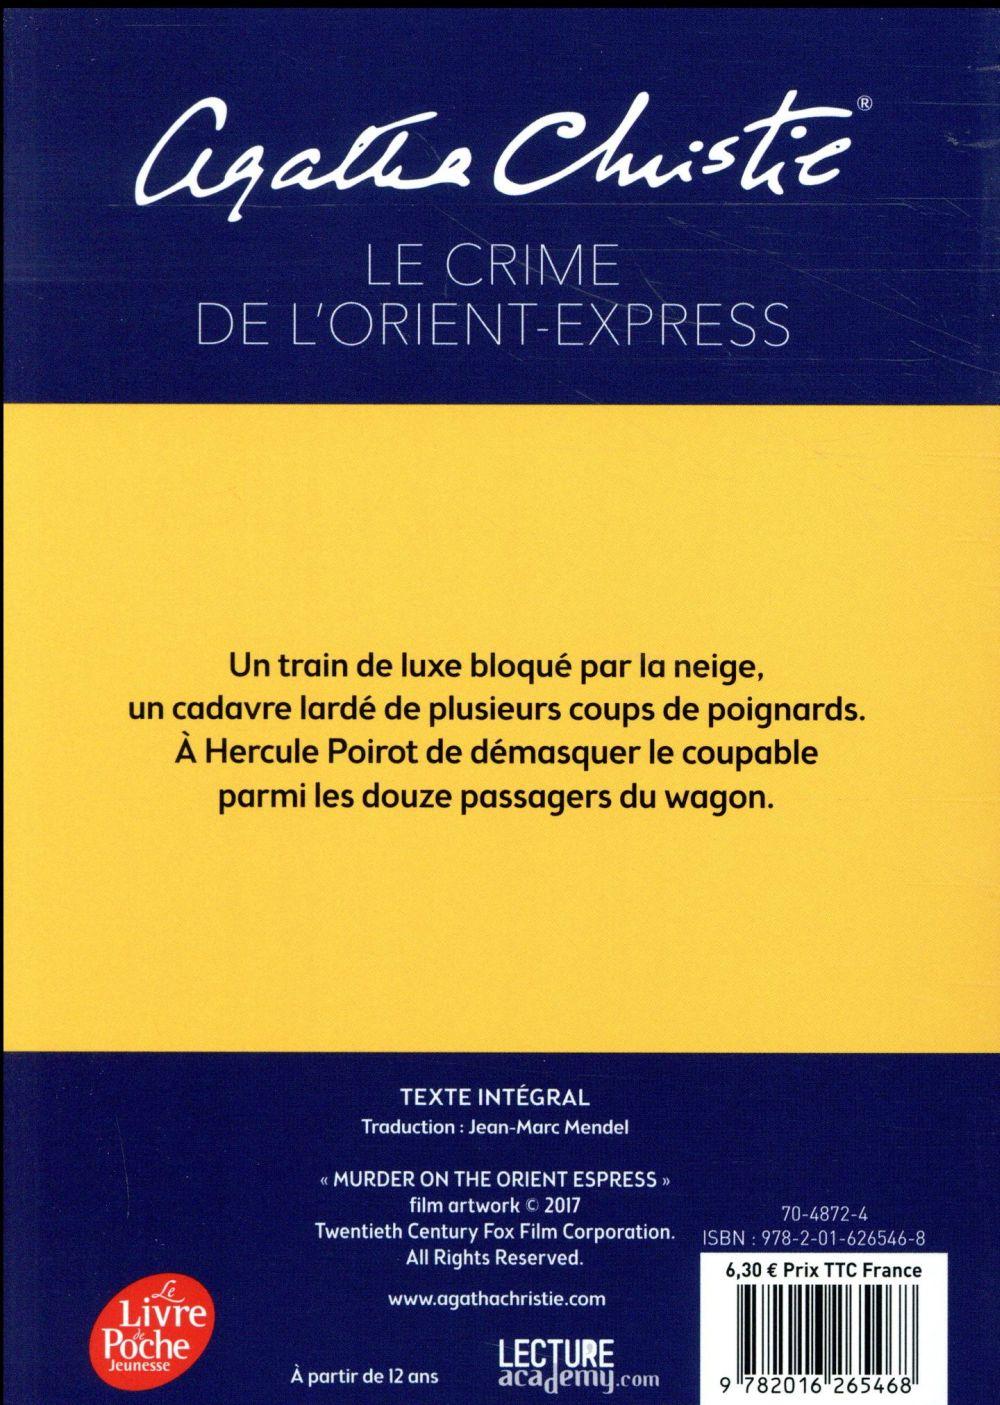 Le Crime De L'orient Express Livre : crime, l'orient, express, livre, Crime, L'orient-express, Affiche, Couverture, Agatha, Christie, Hachette, Jeunesse, Poche, Livre, NANCY